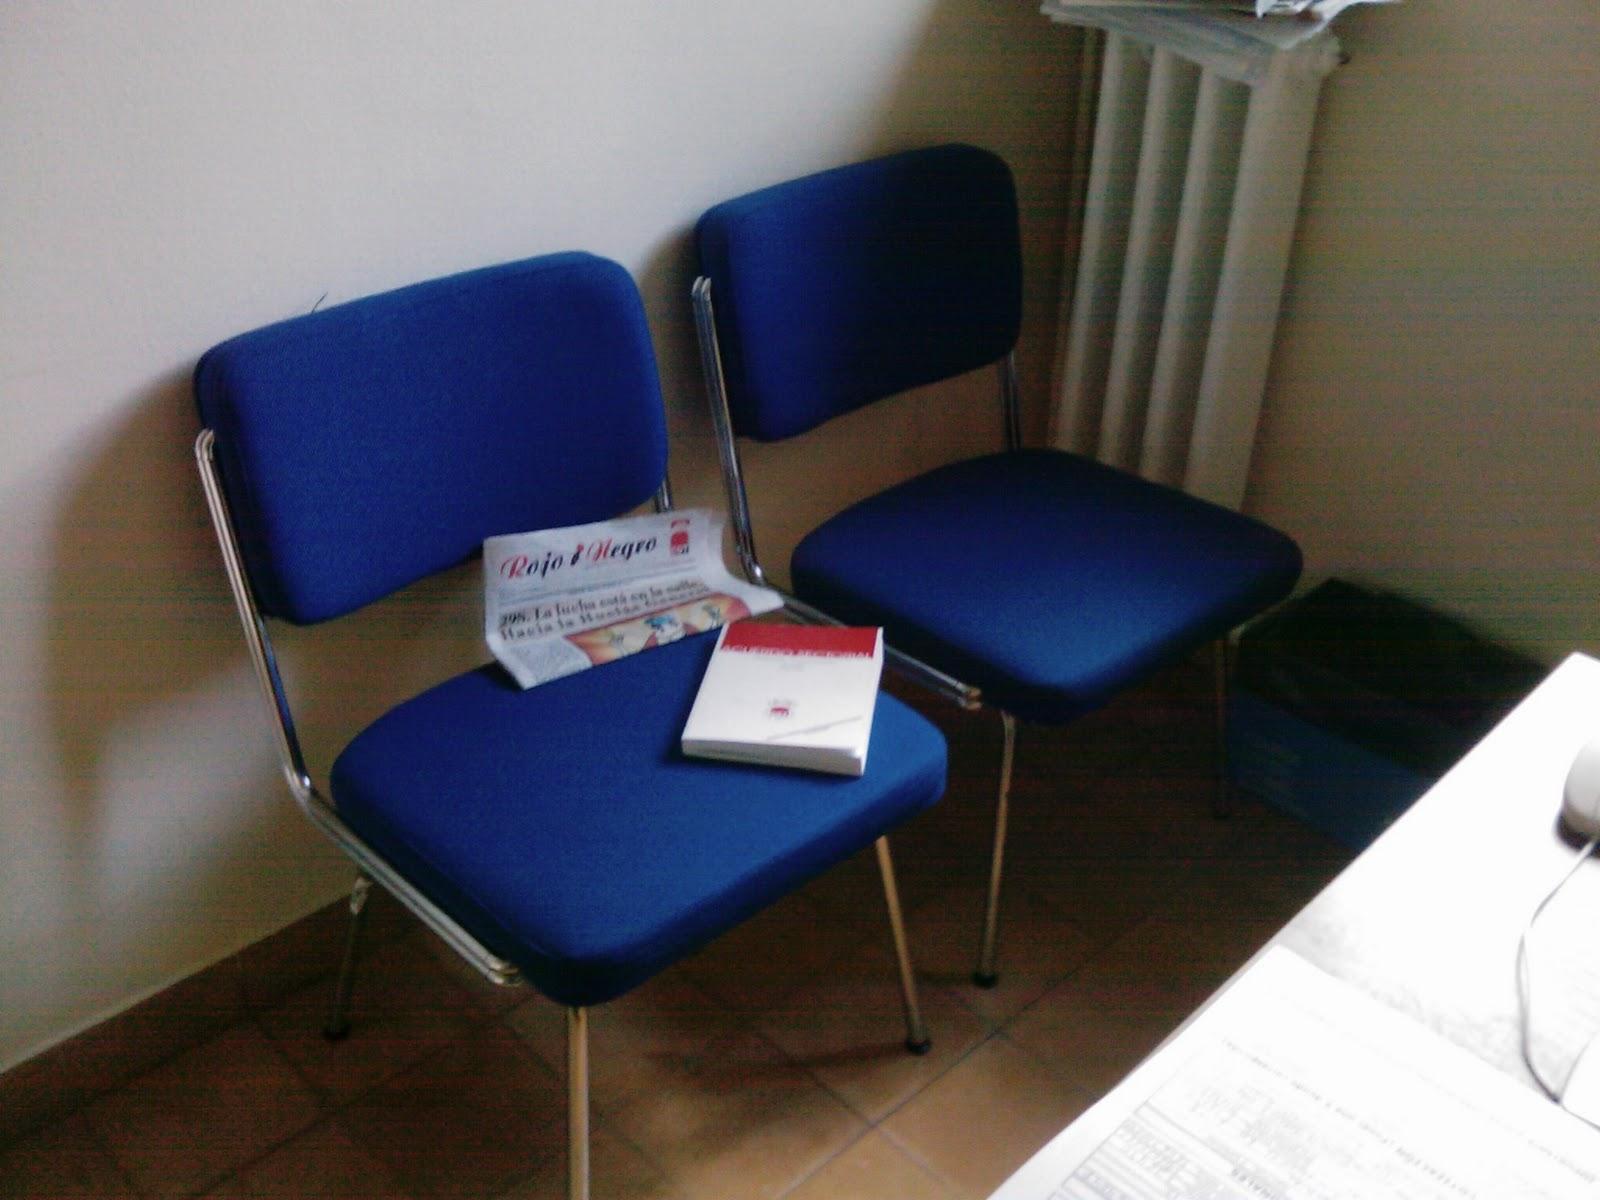 Impresiones desde sierra noroeste de madrid las sillas for Sillas para hospital